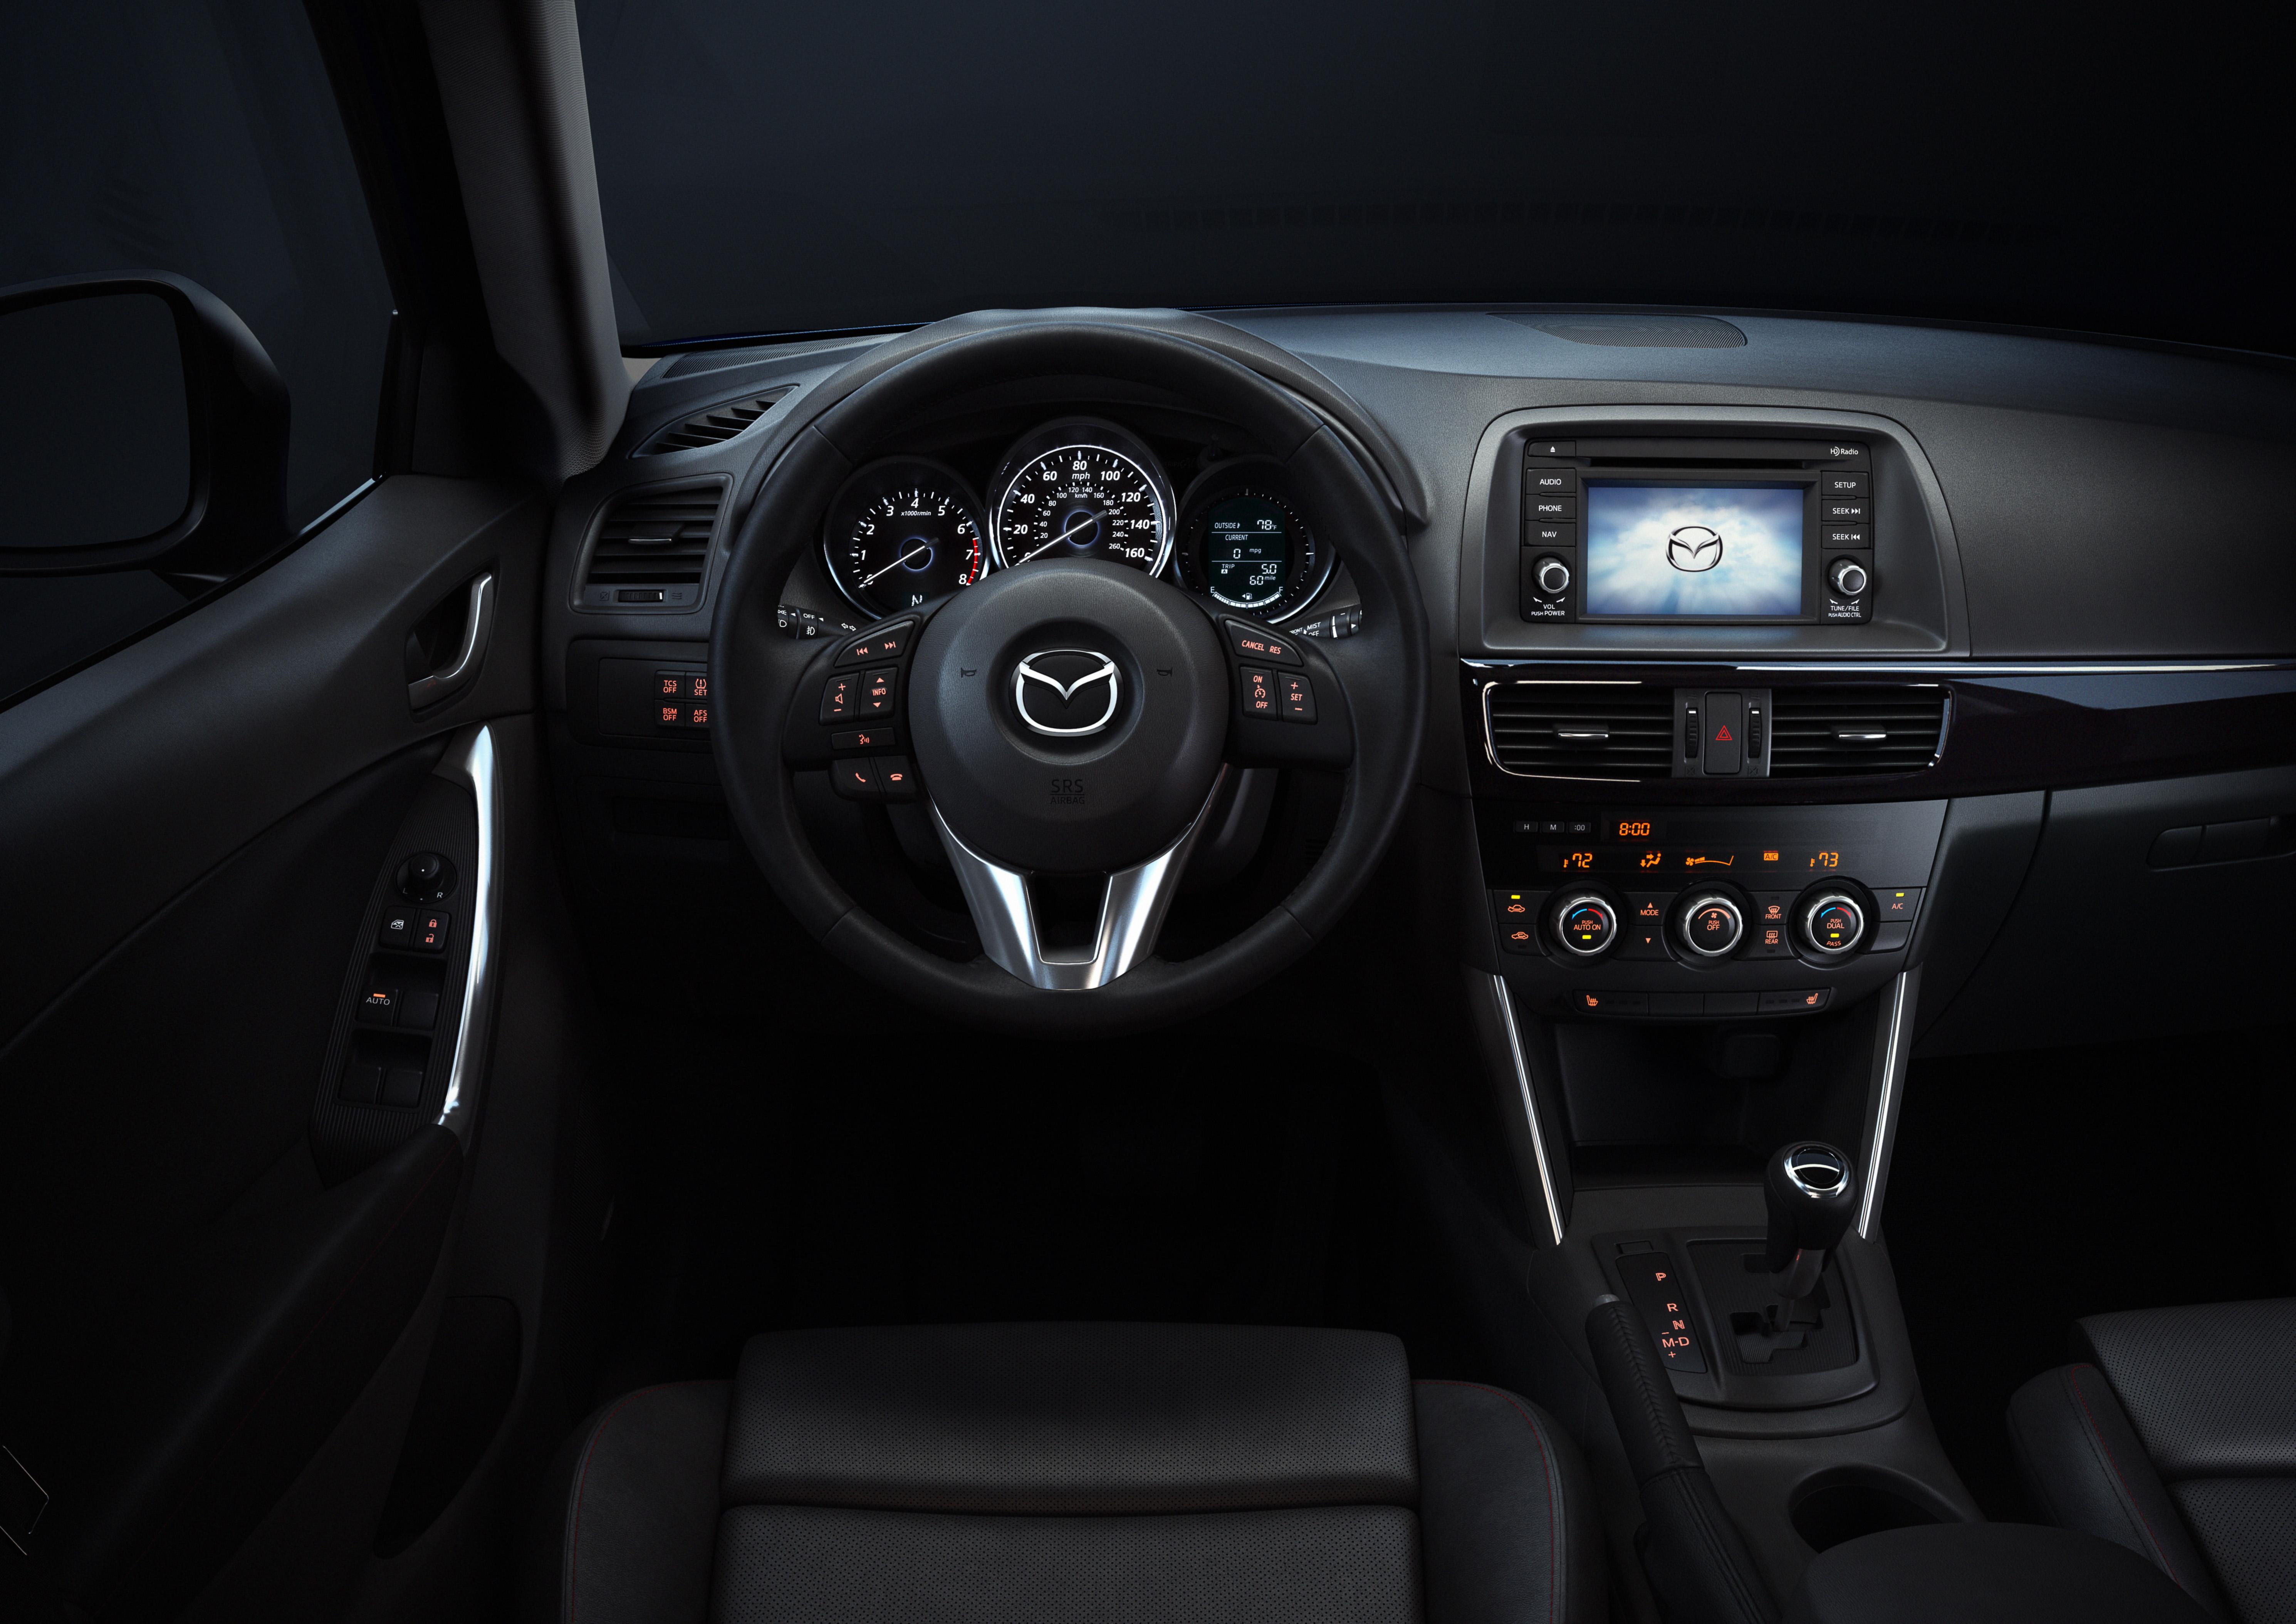 2013 Mazda CX-5 windshield